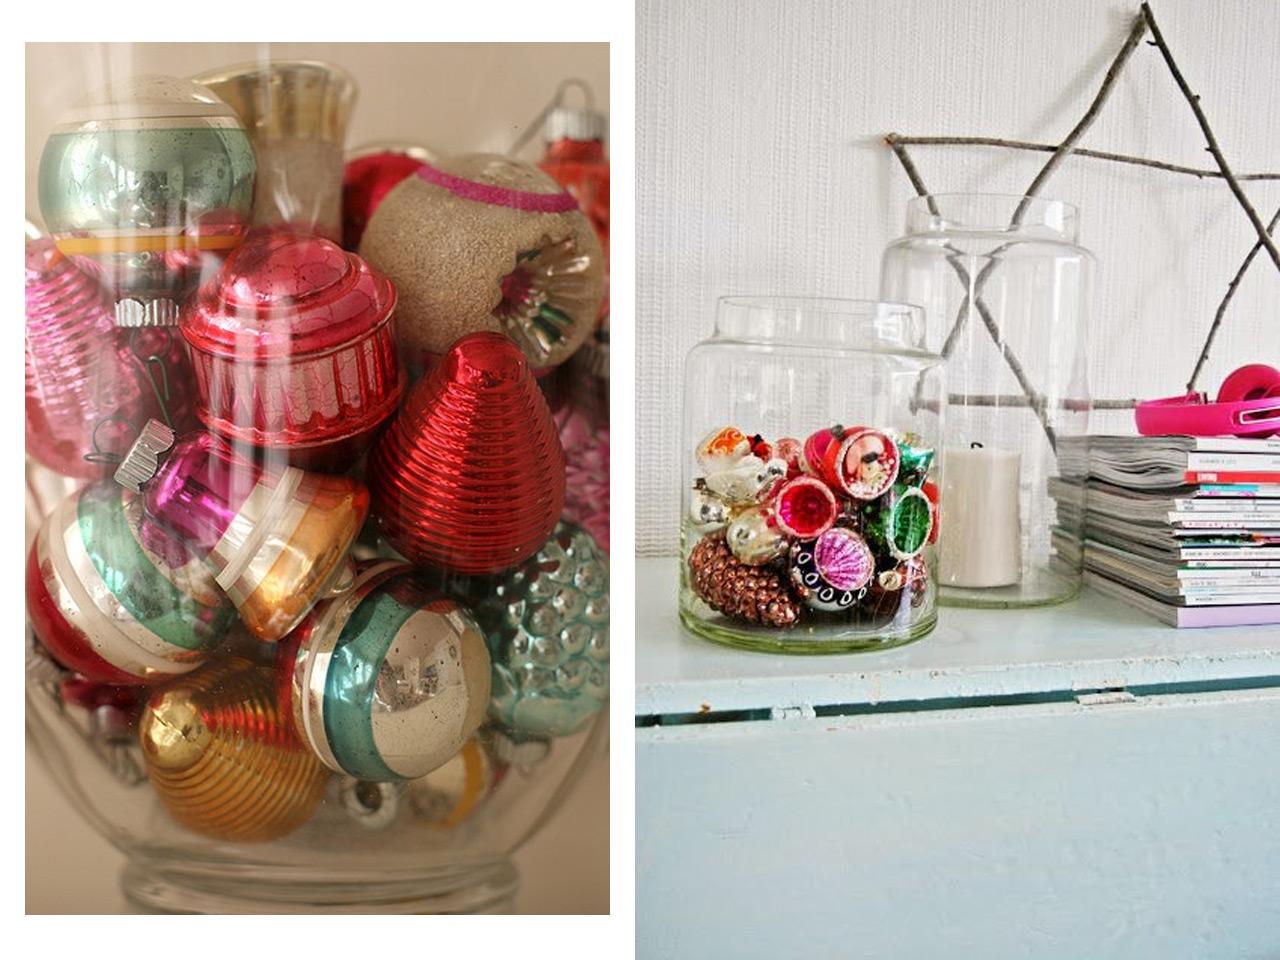 Decoraci n vintage para navidad ideas para decorar - Ideas adornos navidenos ...